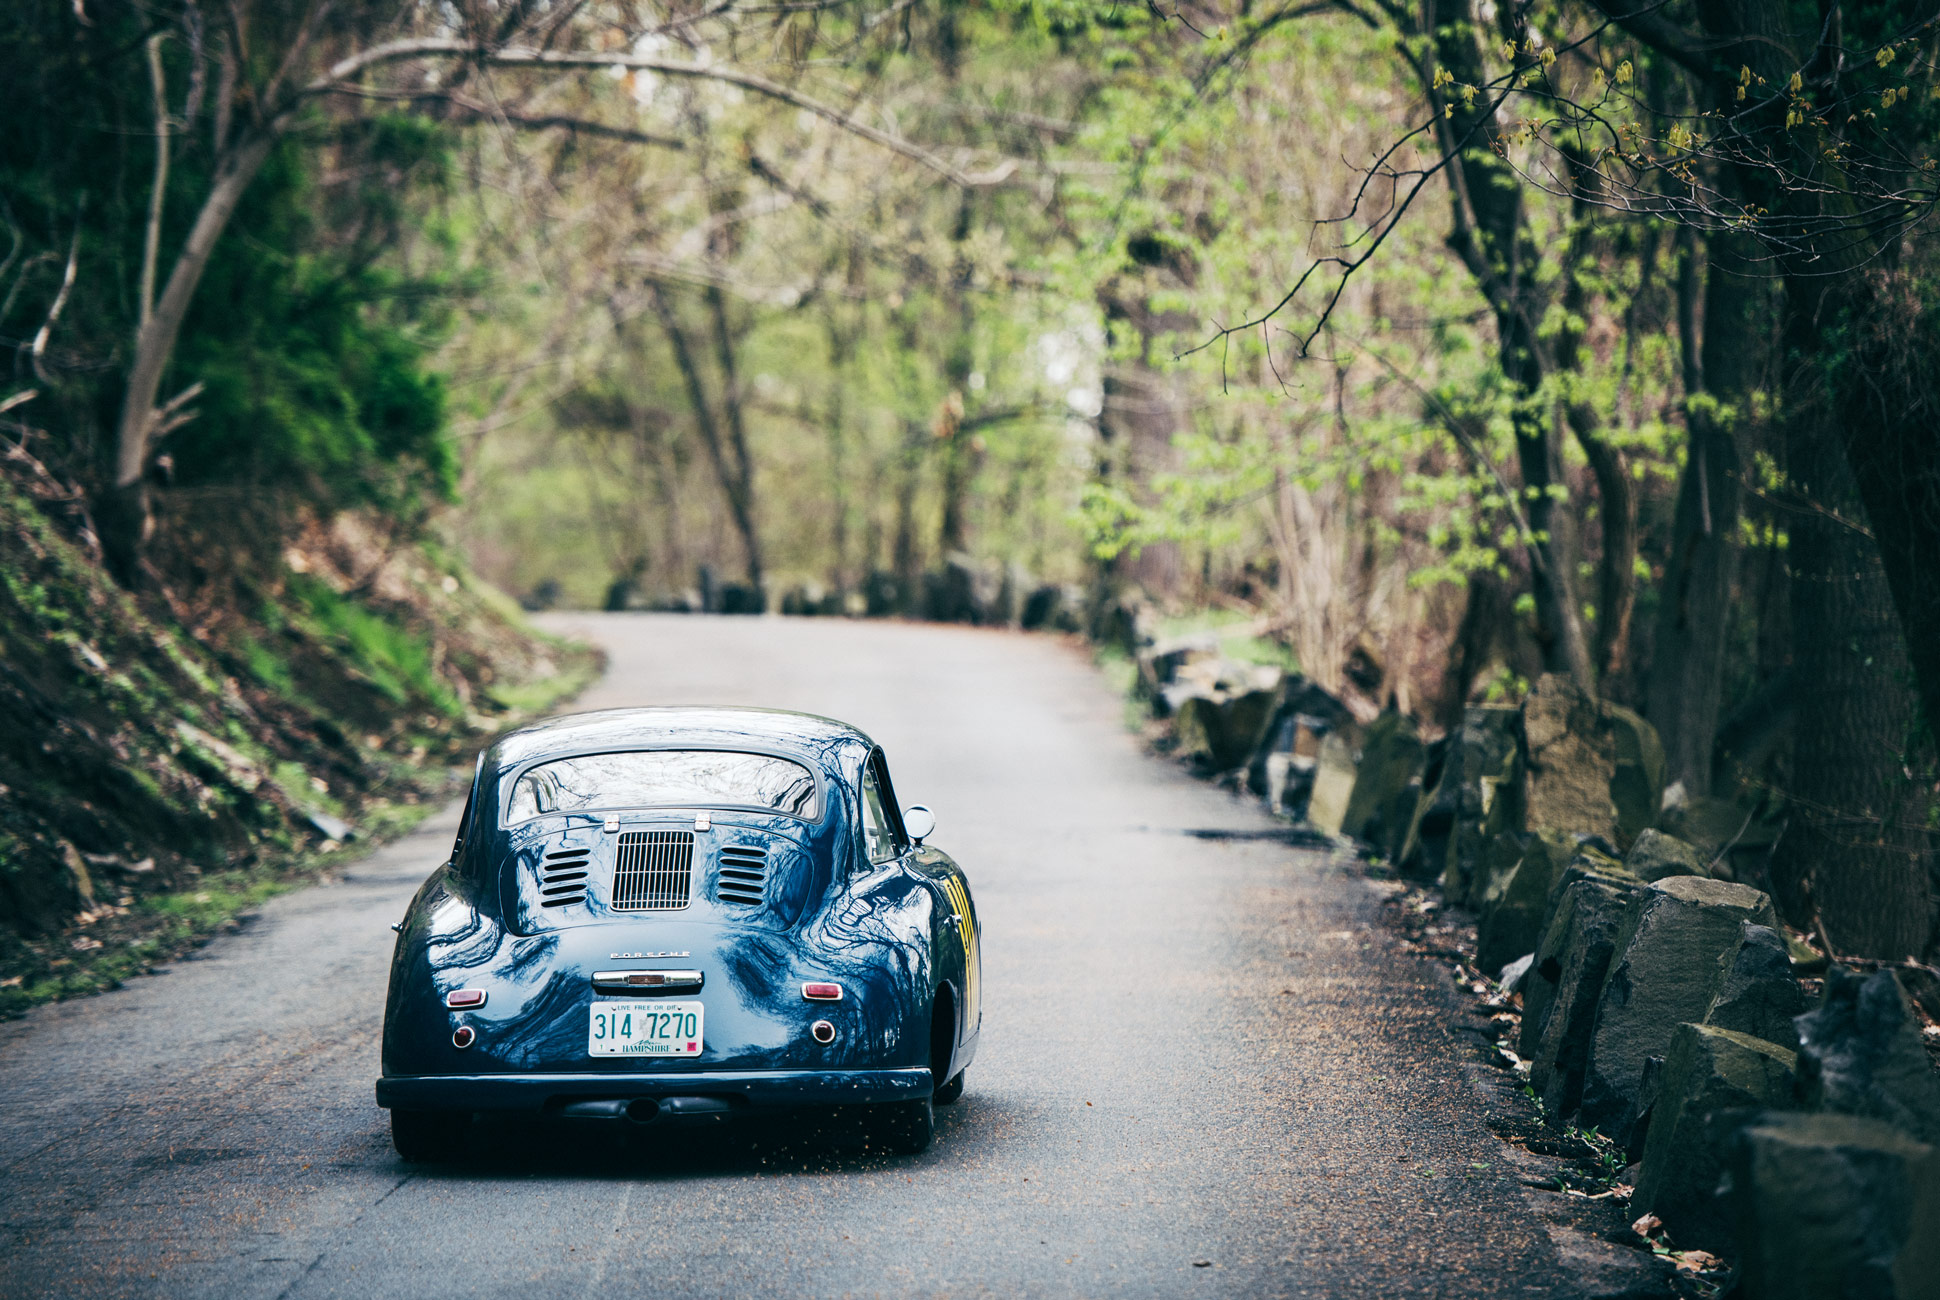 Download This Vintage Porsche Wallpaper Gear Patrol 1940x1300